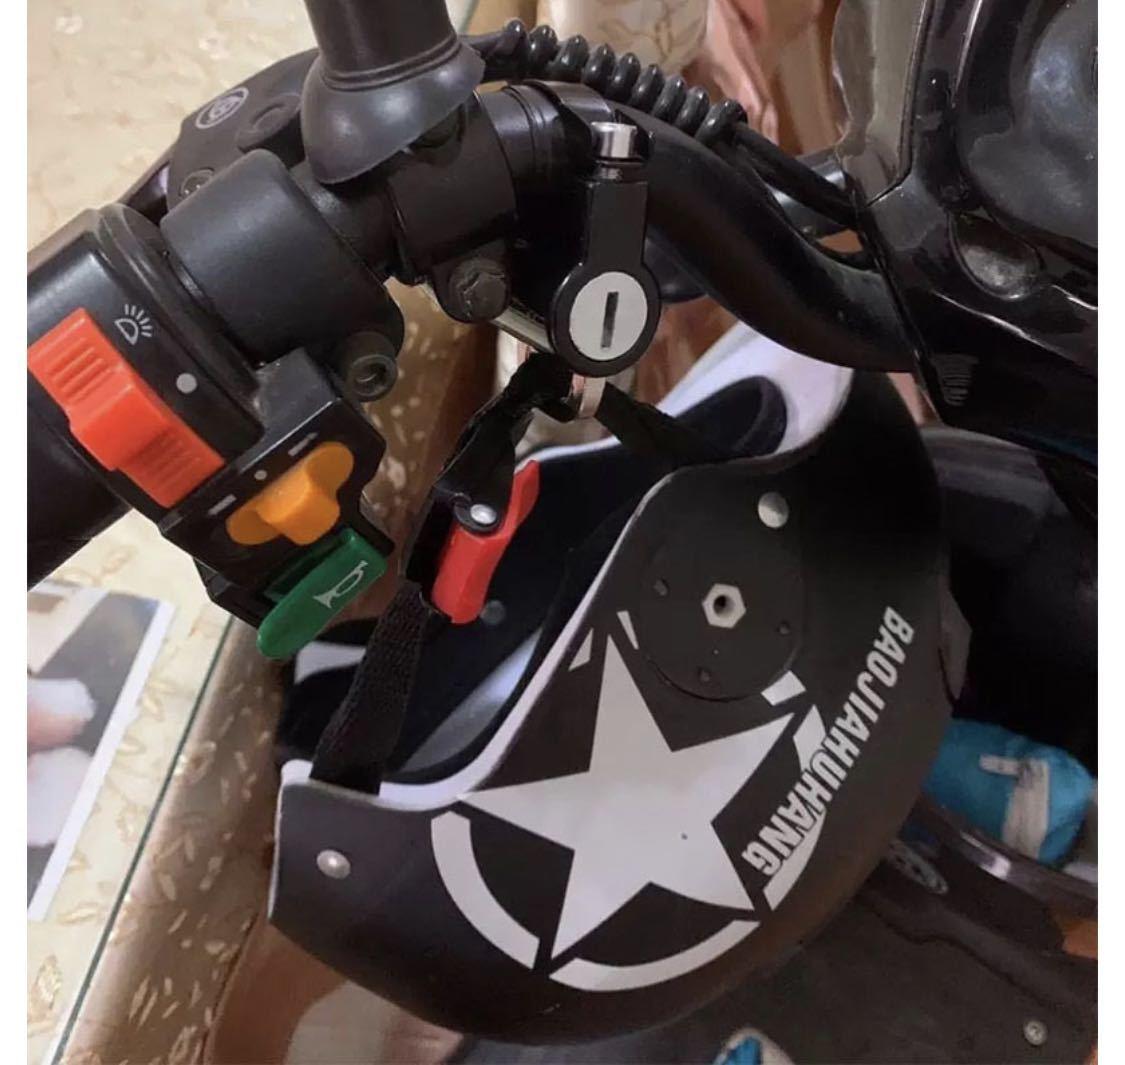 ヘルメットロックホルダー バイク 盗難防止 汎用 キーロック 鍵 自転車 防犯 2個セット_画像2